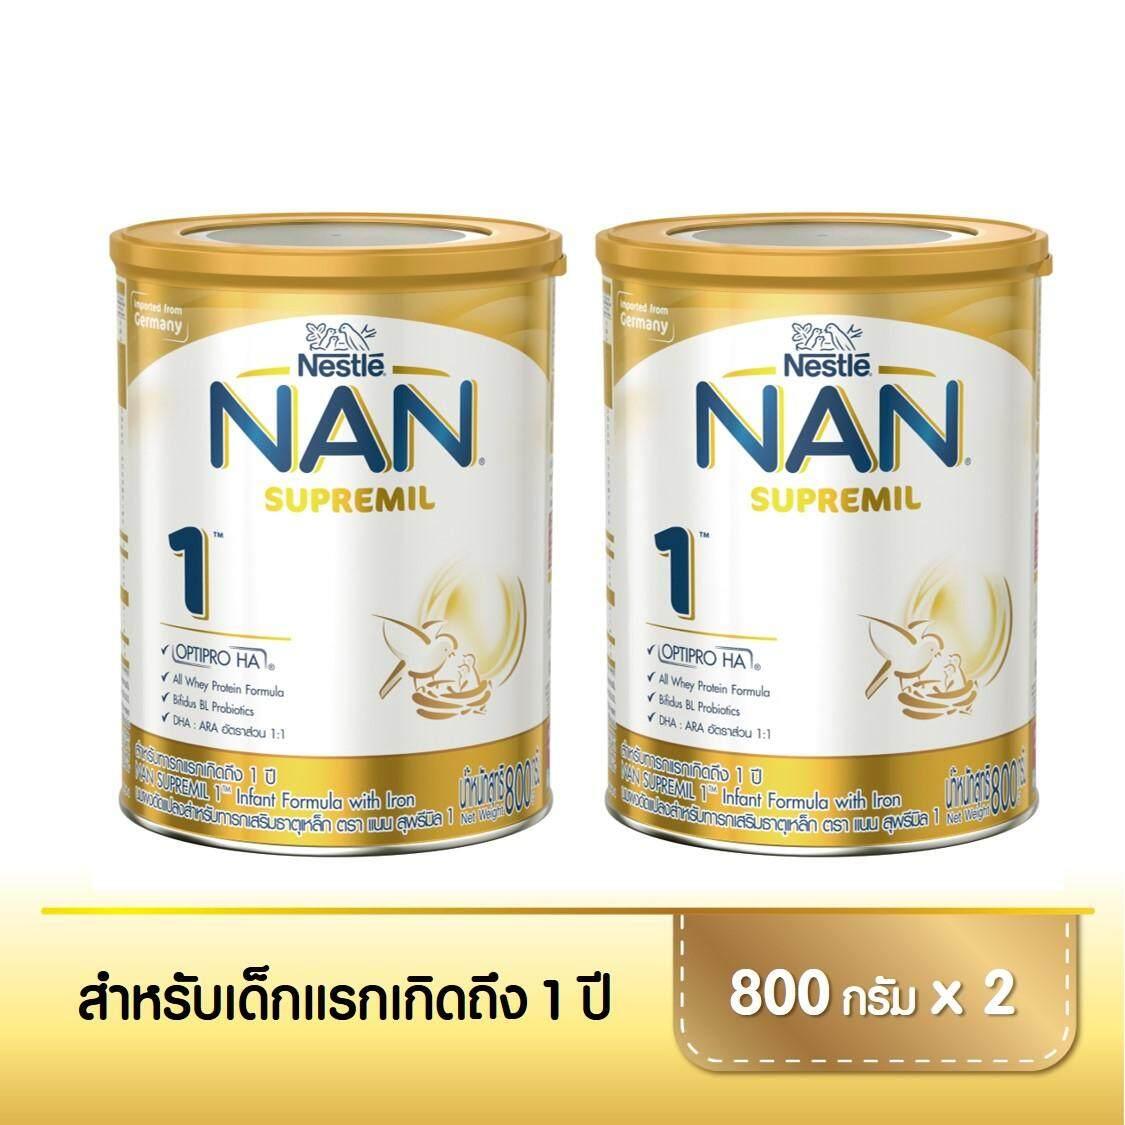 ขาย  แนน สุพรีมิล 1 นมผงดัดแปลงสำหรับทารกเสริมธาตุเหล็ก ขนาดกระป๋อง 800 กรัม x2 NAN SUPREMIL 1 Infant Formula 800 g x2 tins   สำหรับขาย ของแท้